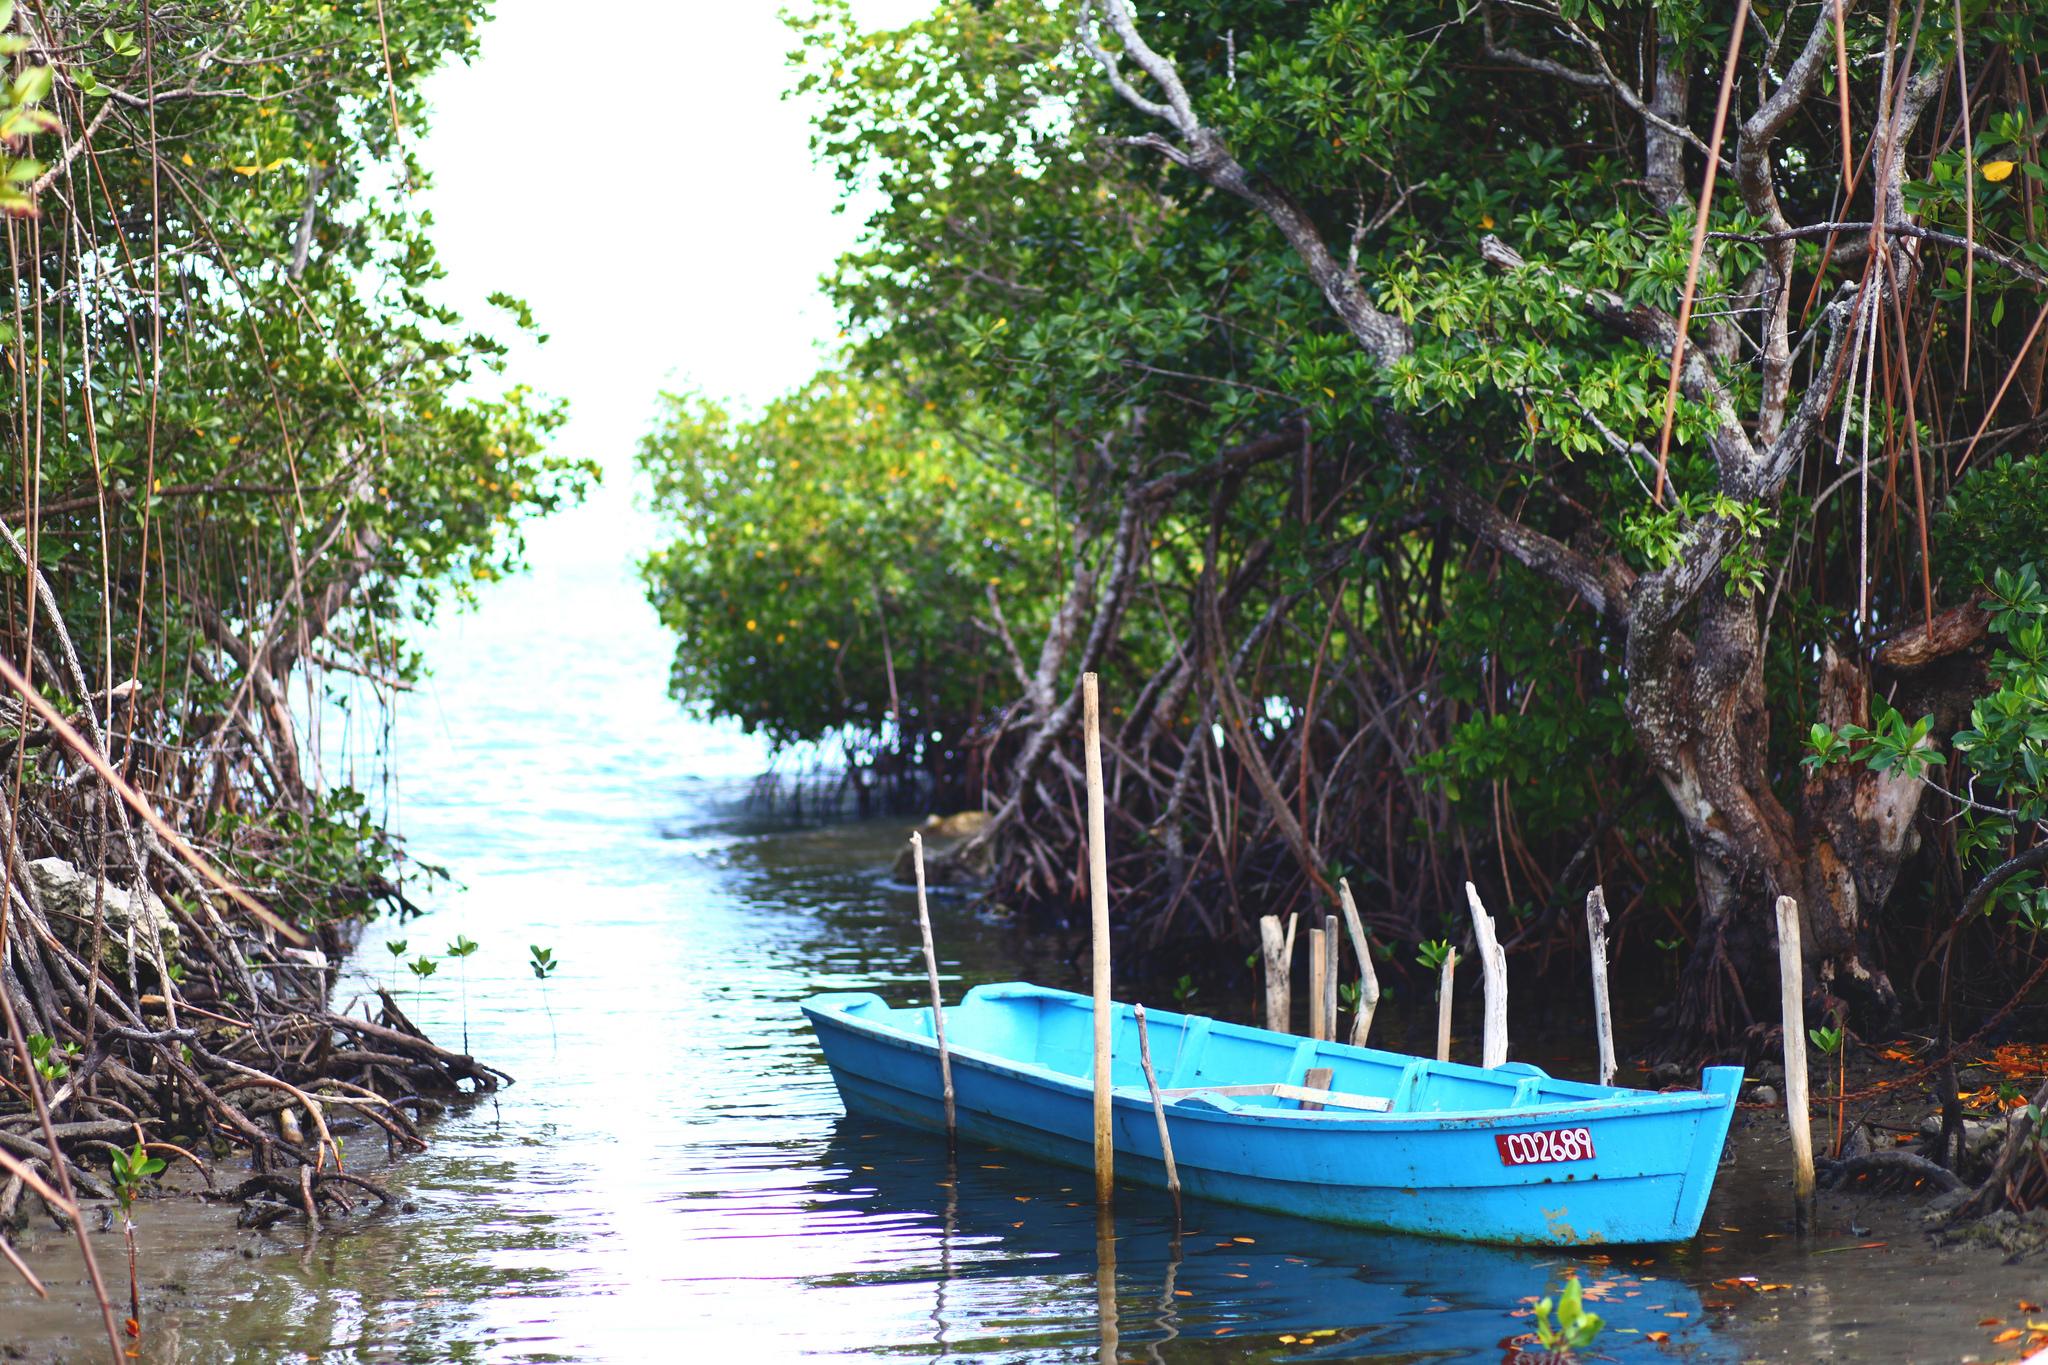 Walking around the mangroves in Suva.